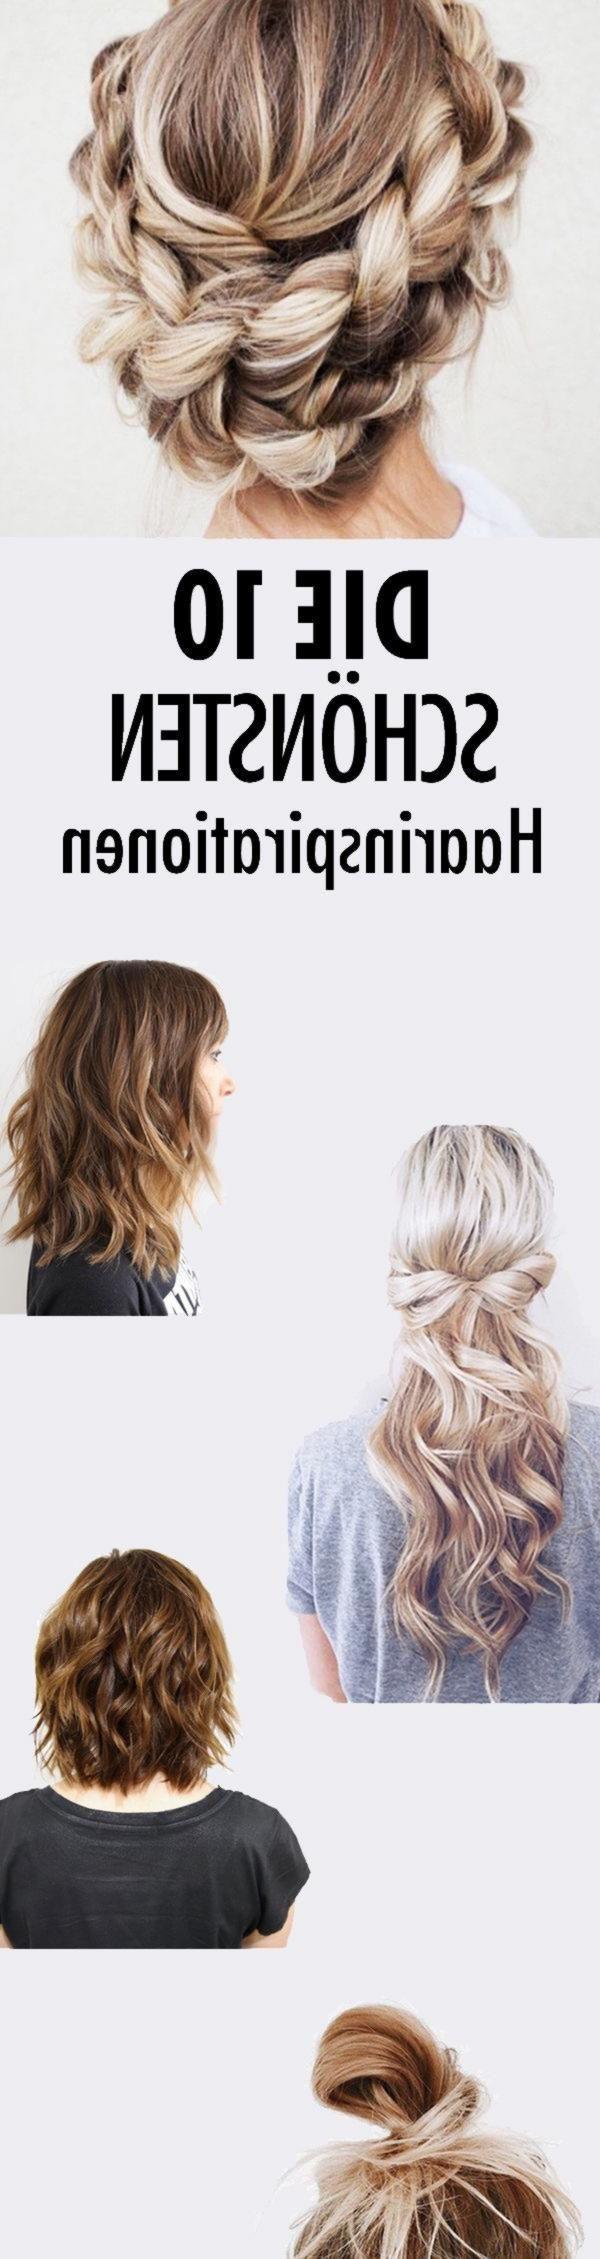 Derfrisuren.top Habt Ihr Lust auf eine neue Frisur? Wir haben die besten Tutorials bei Pinterest... Wir tutorials pinterest neue Lust Ihr habt haben frisur eine Die besten bei auf